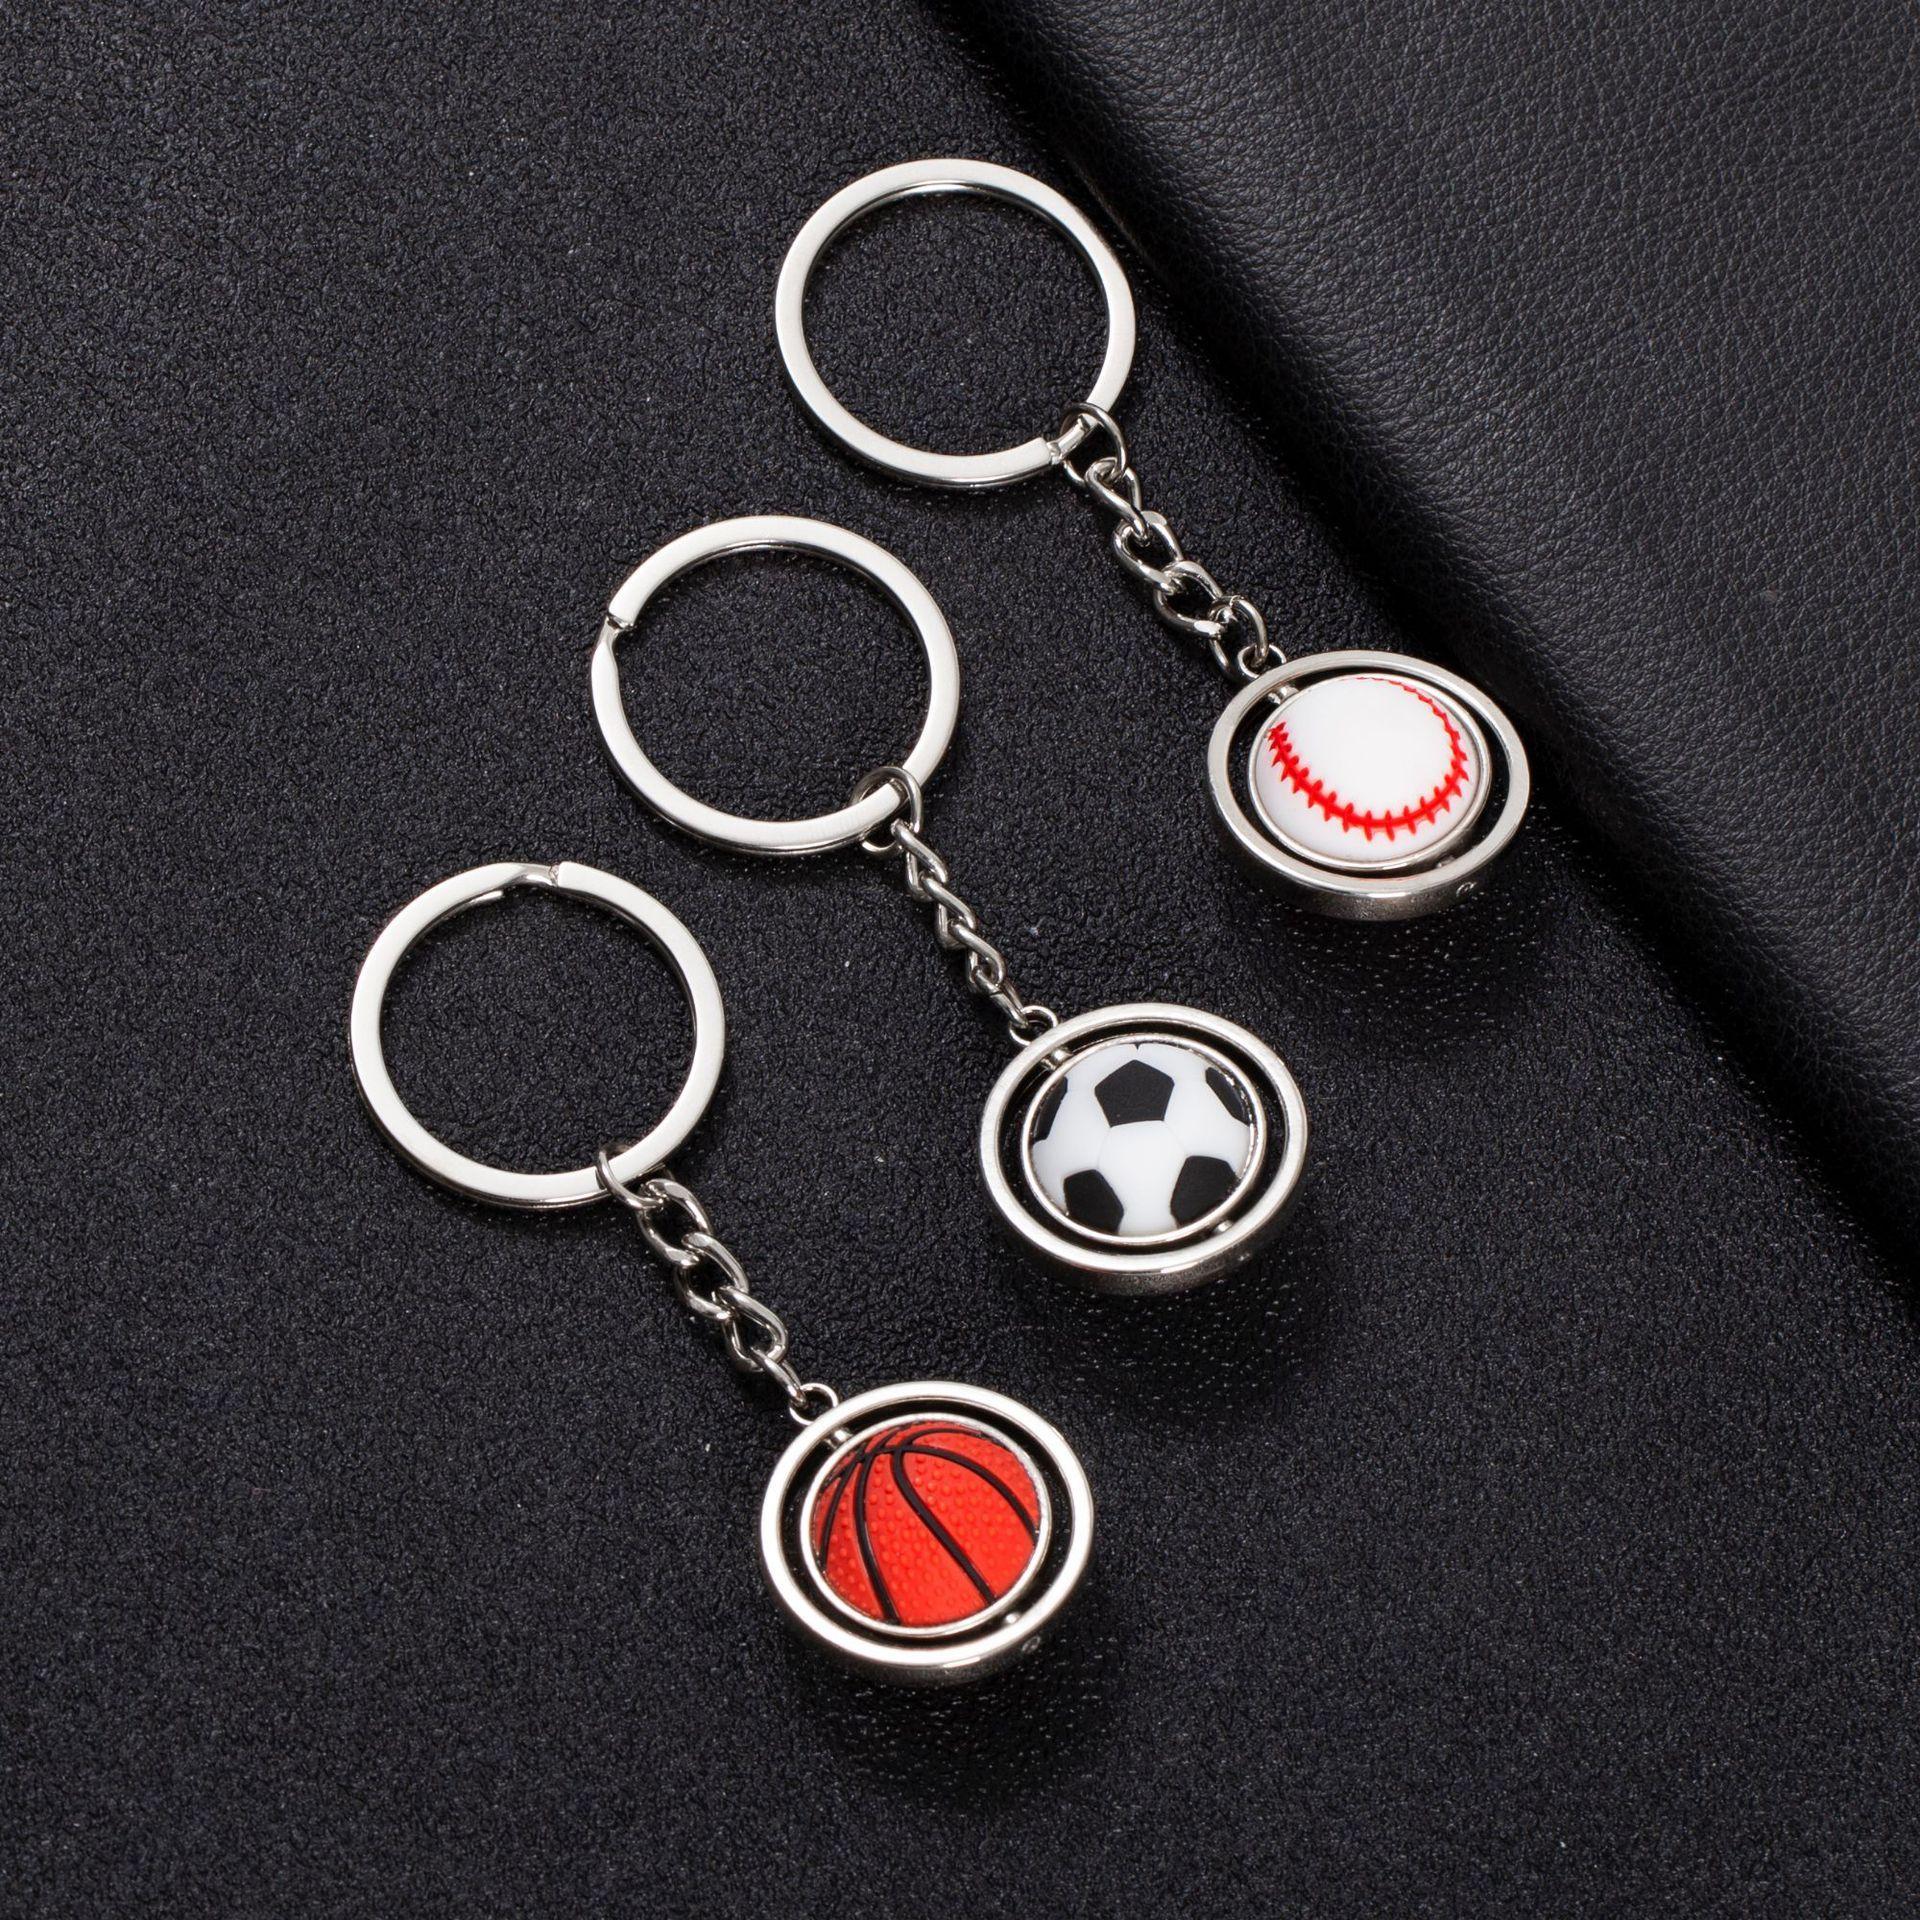 厂家批发篮球足球高尔夫钥匙扣纪念品礼品留念品可转动球类钥匙链